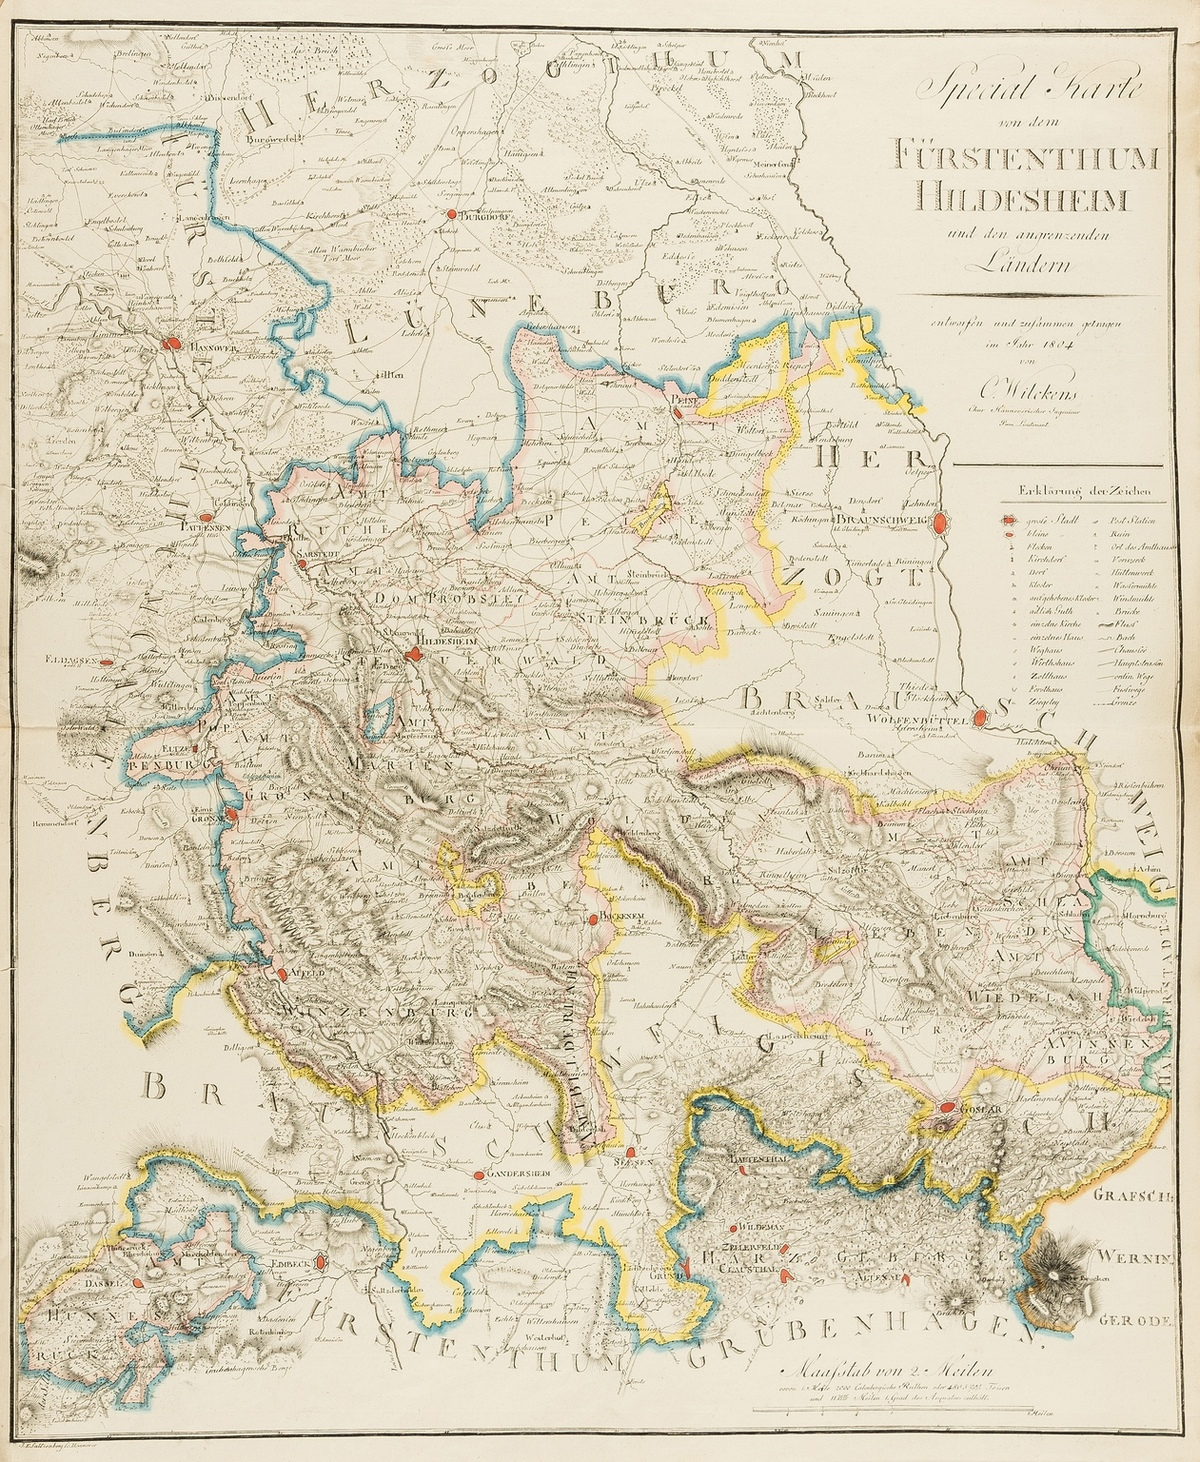 Germany.- Wilckens (C.) Special Karte von dem Fürstenthum Hildesheim und den angrenzenden Landern, …